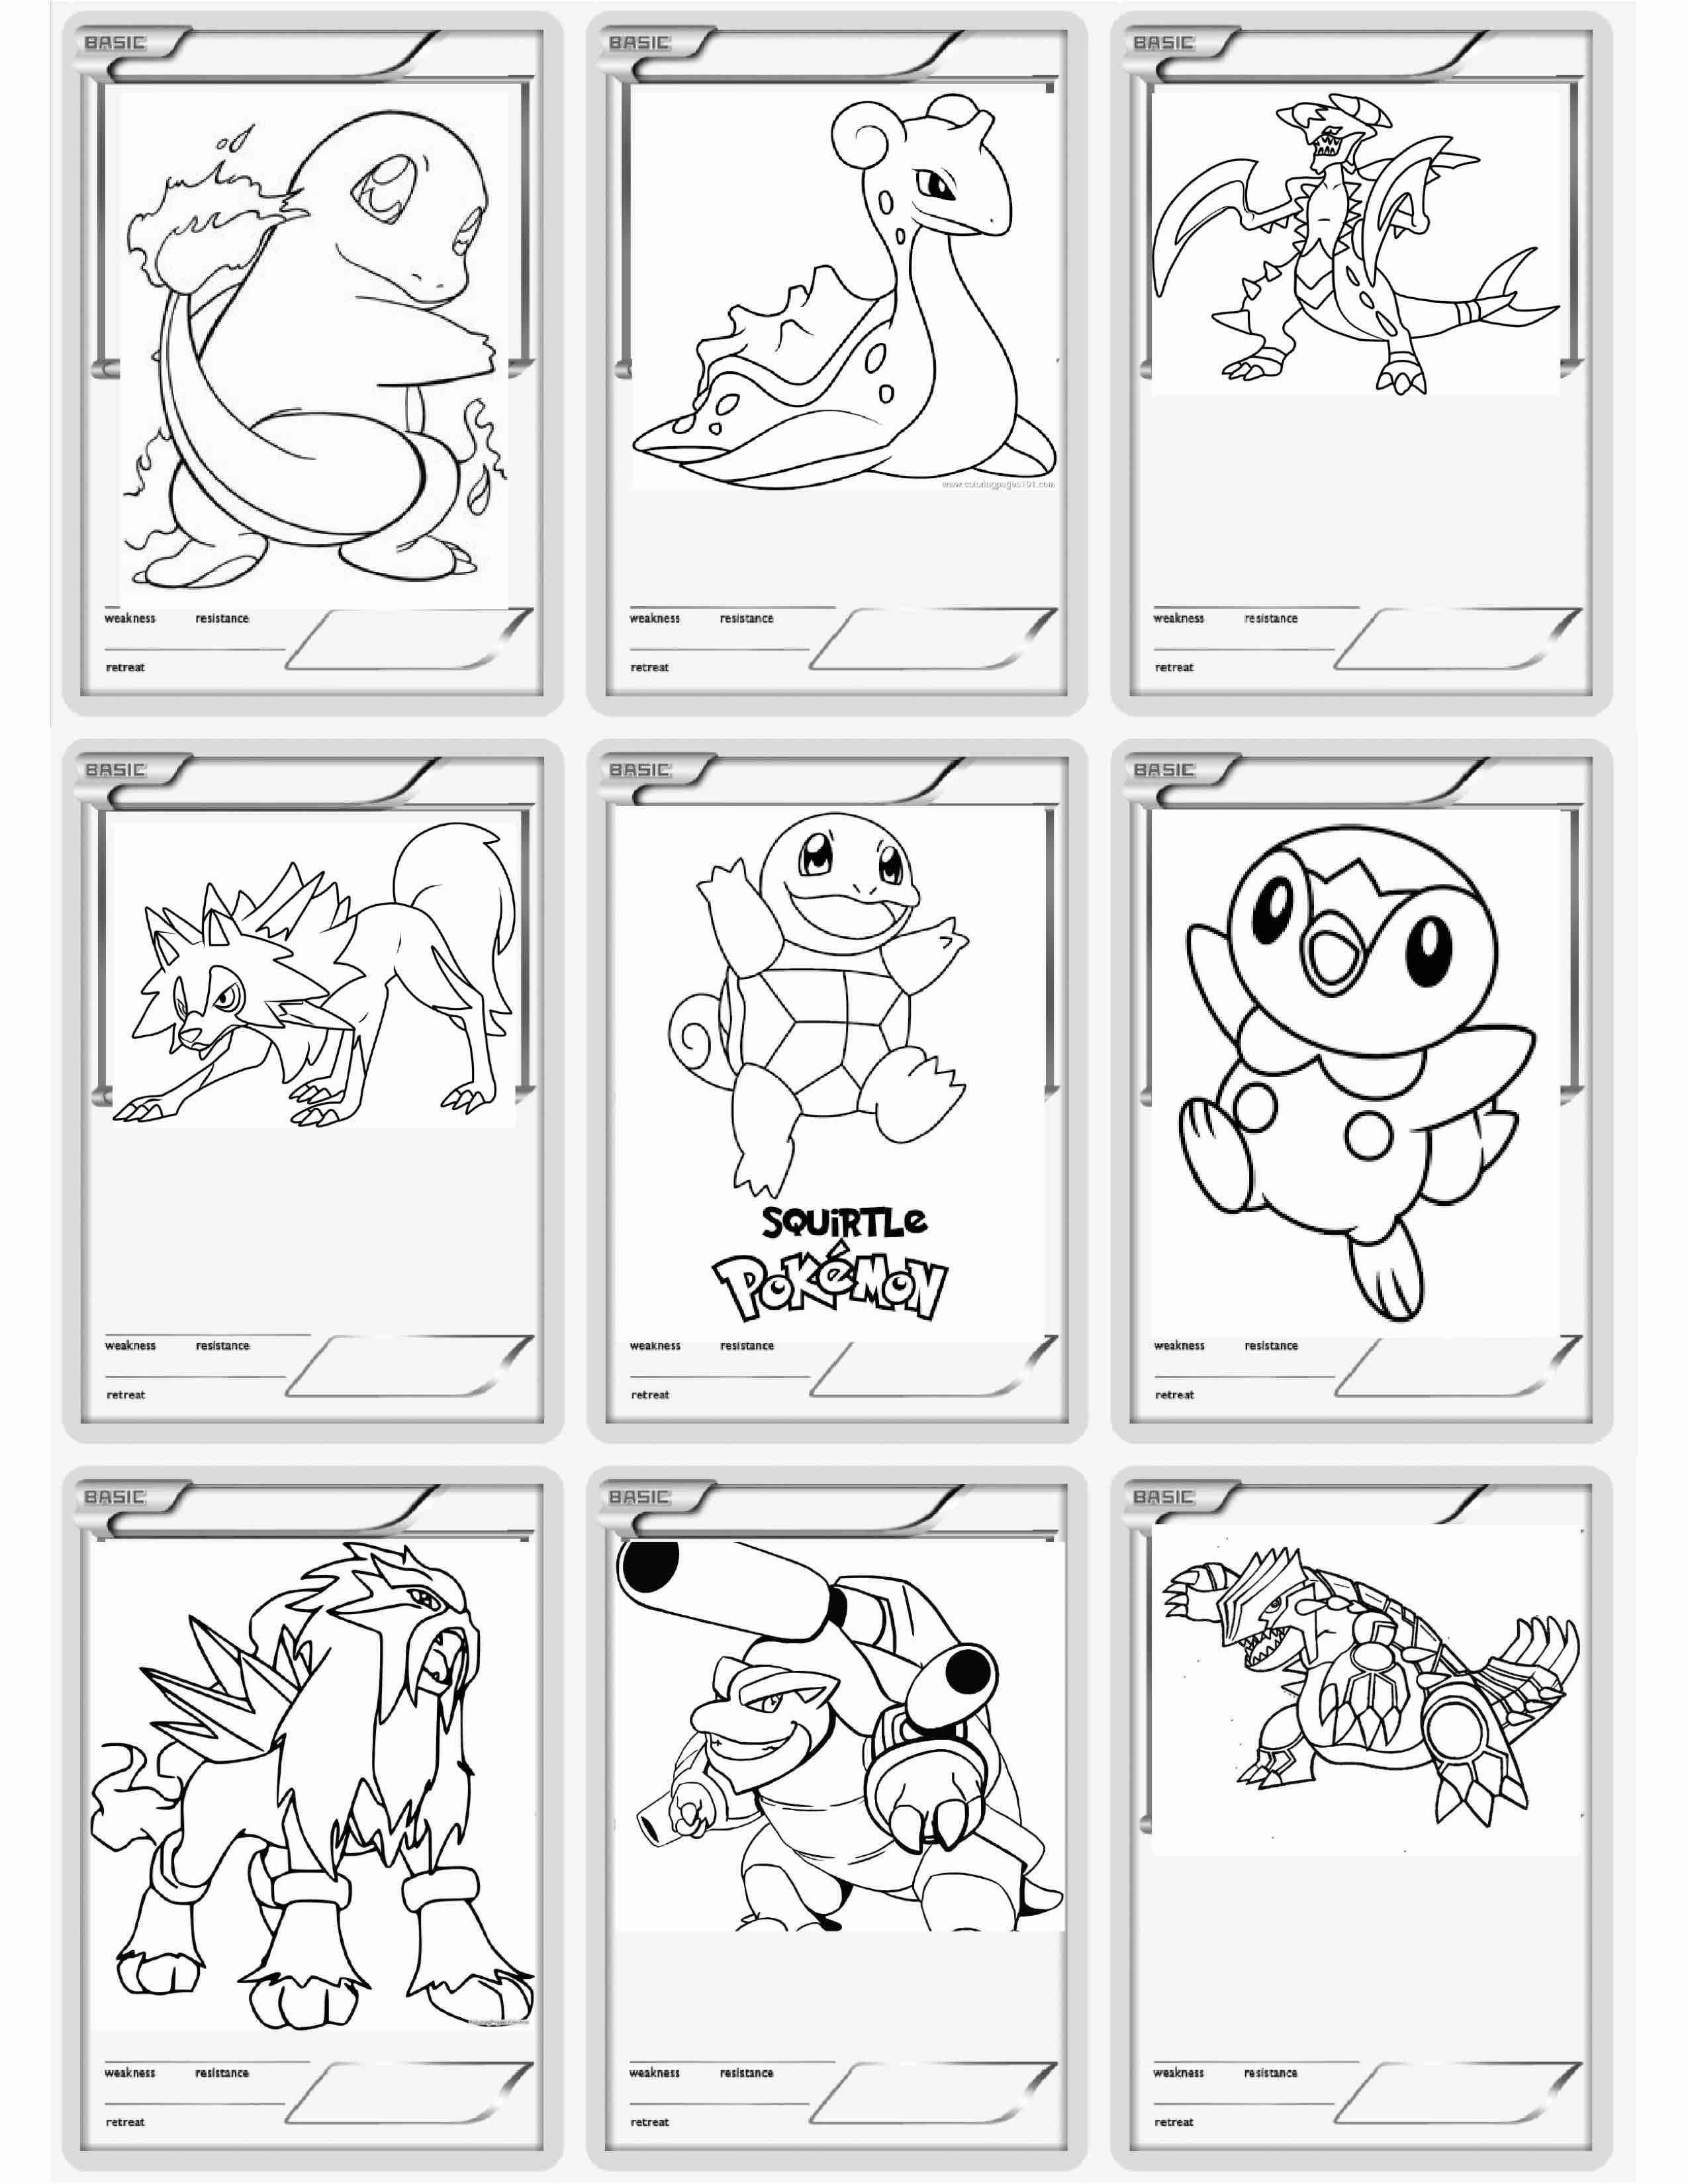 Printable Pokemon Cards Amber Fillerup Clark Printable Coloring Cards Pokemon Coloring Pages Pokemon Coloring Pages Free Printable